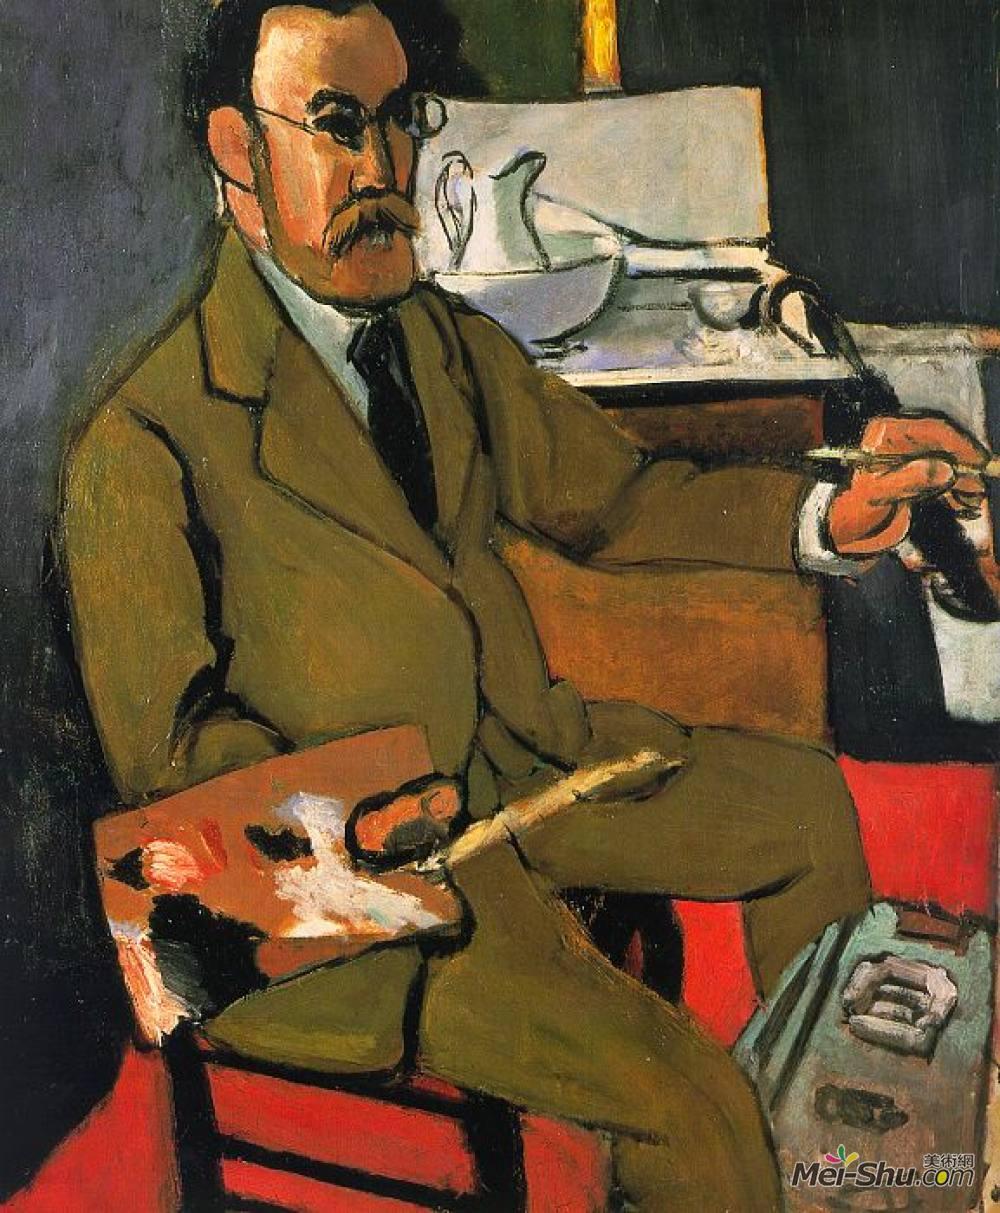 亨利·馬蒂斯(Henri Matisse)